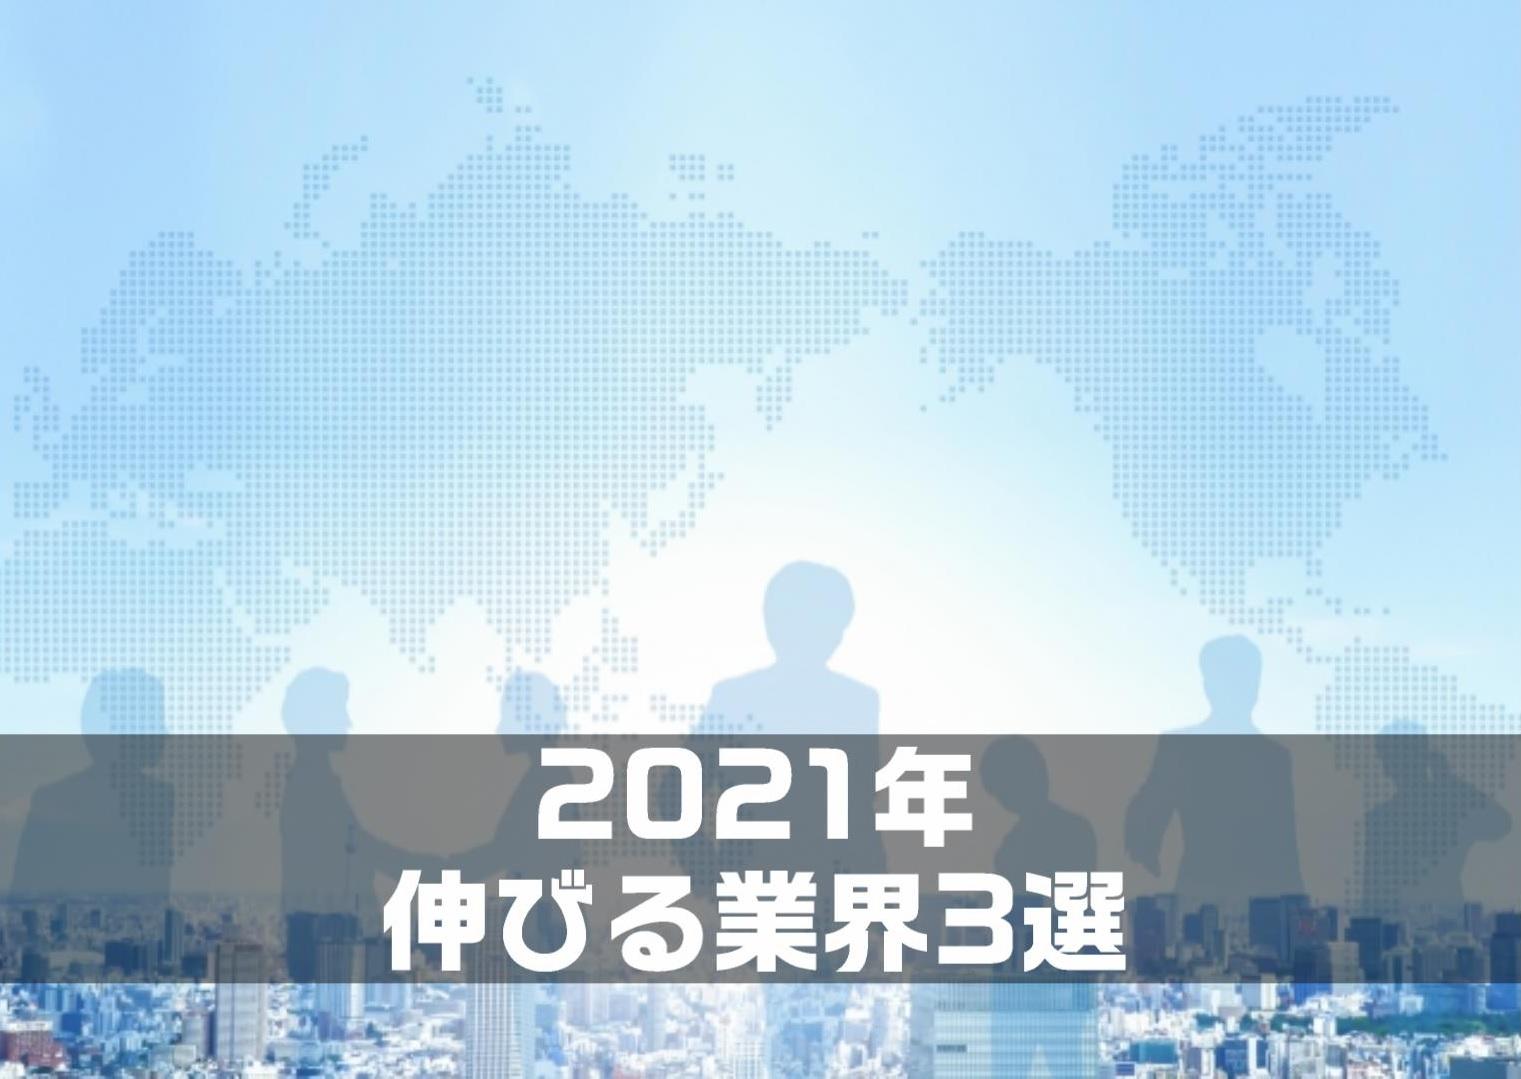 【2021年最新版】今後これから伸びる業界3選